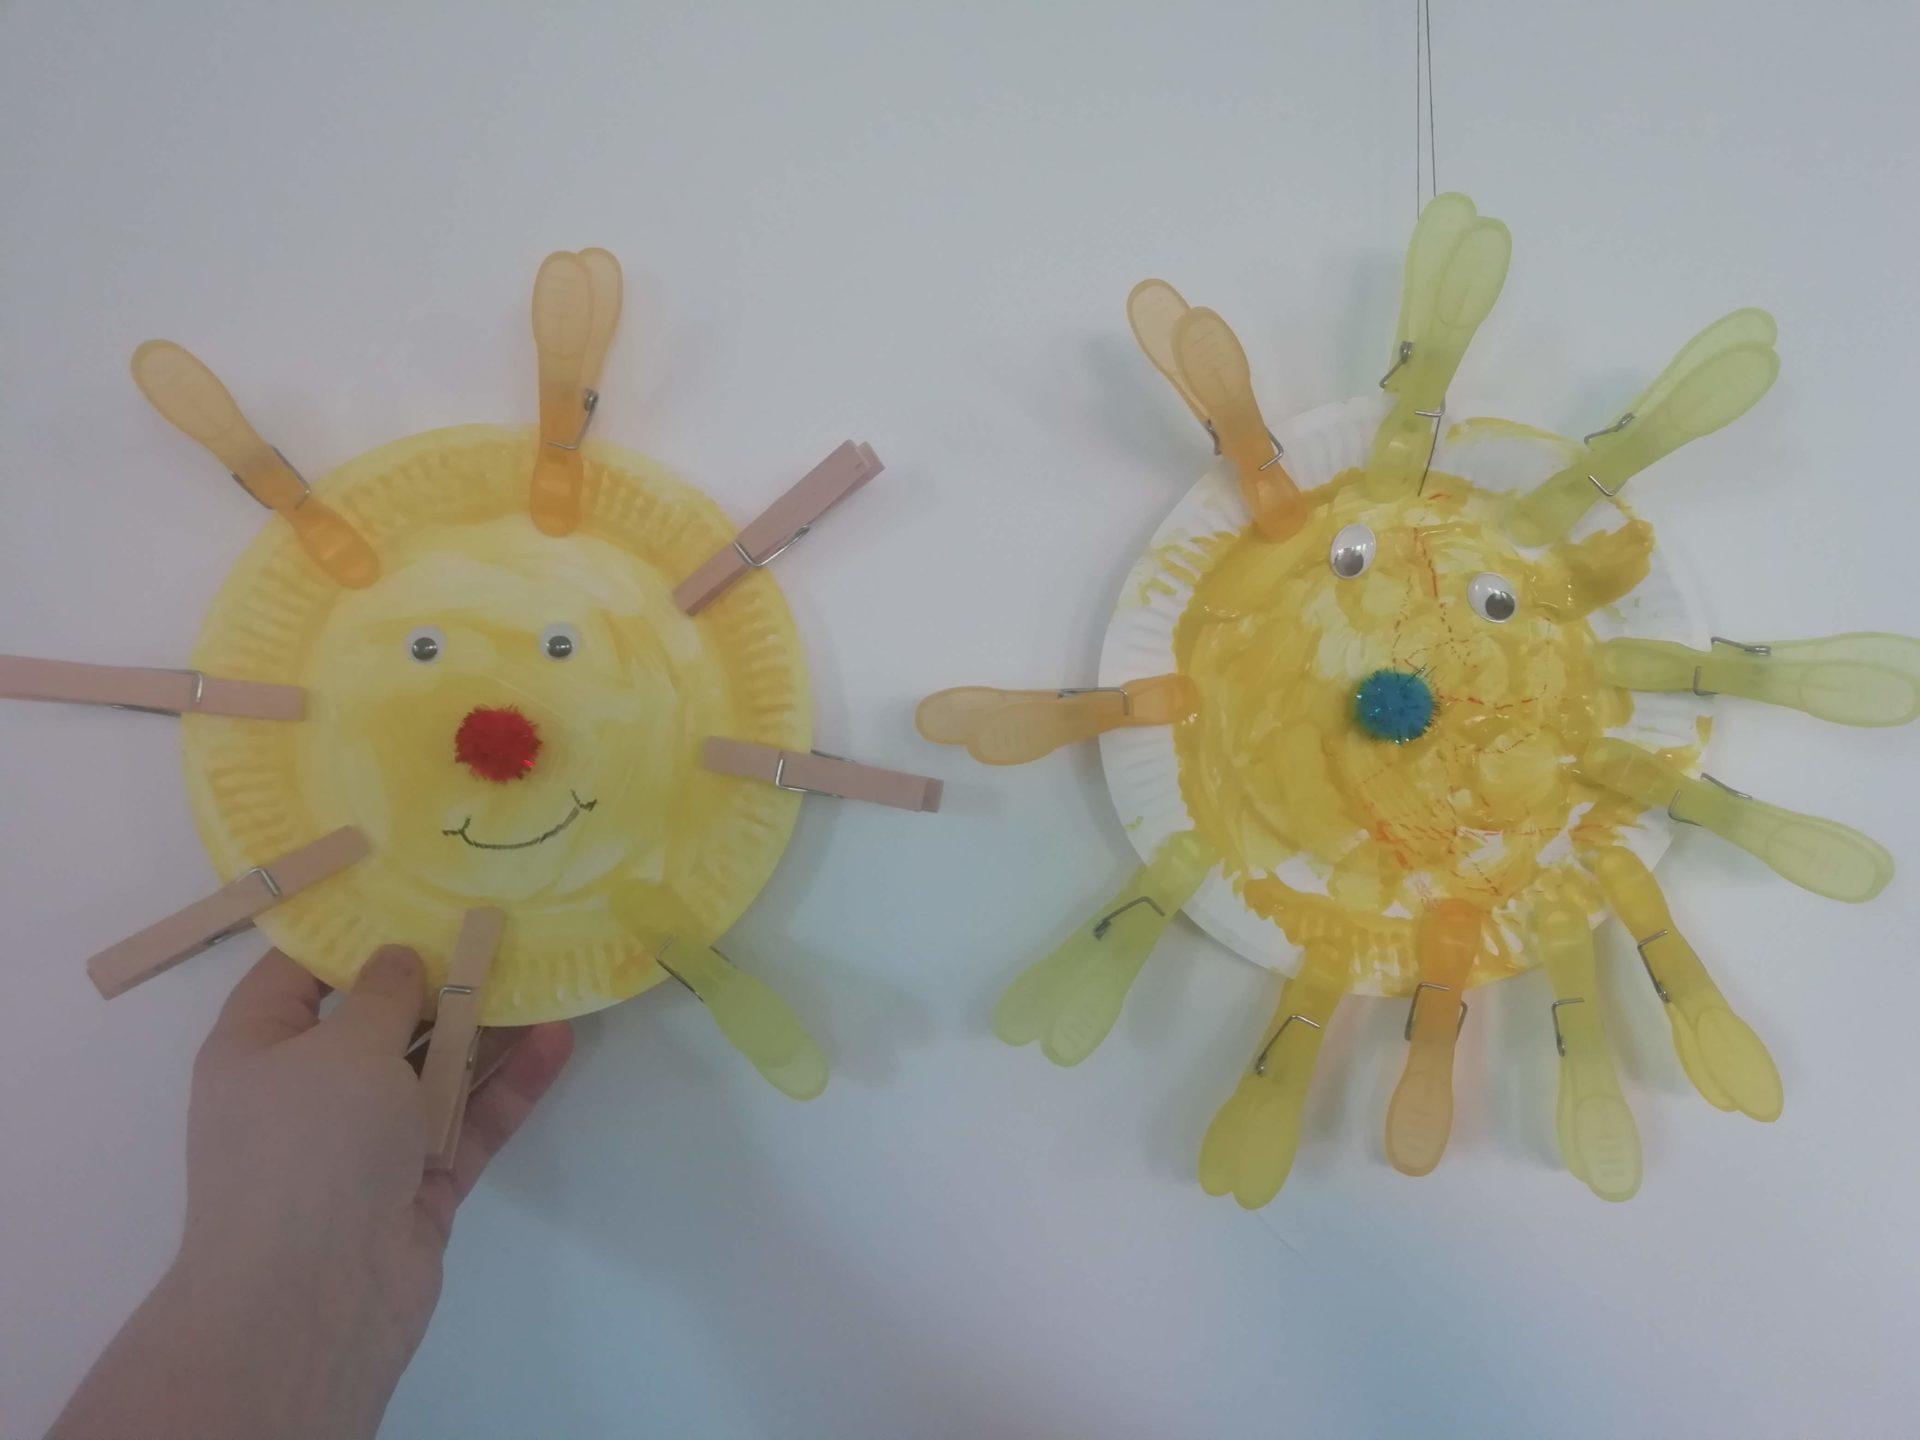 Sonnen basteln - Angebotsidee